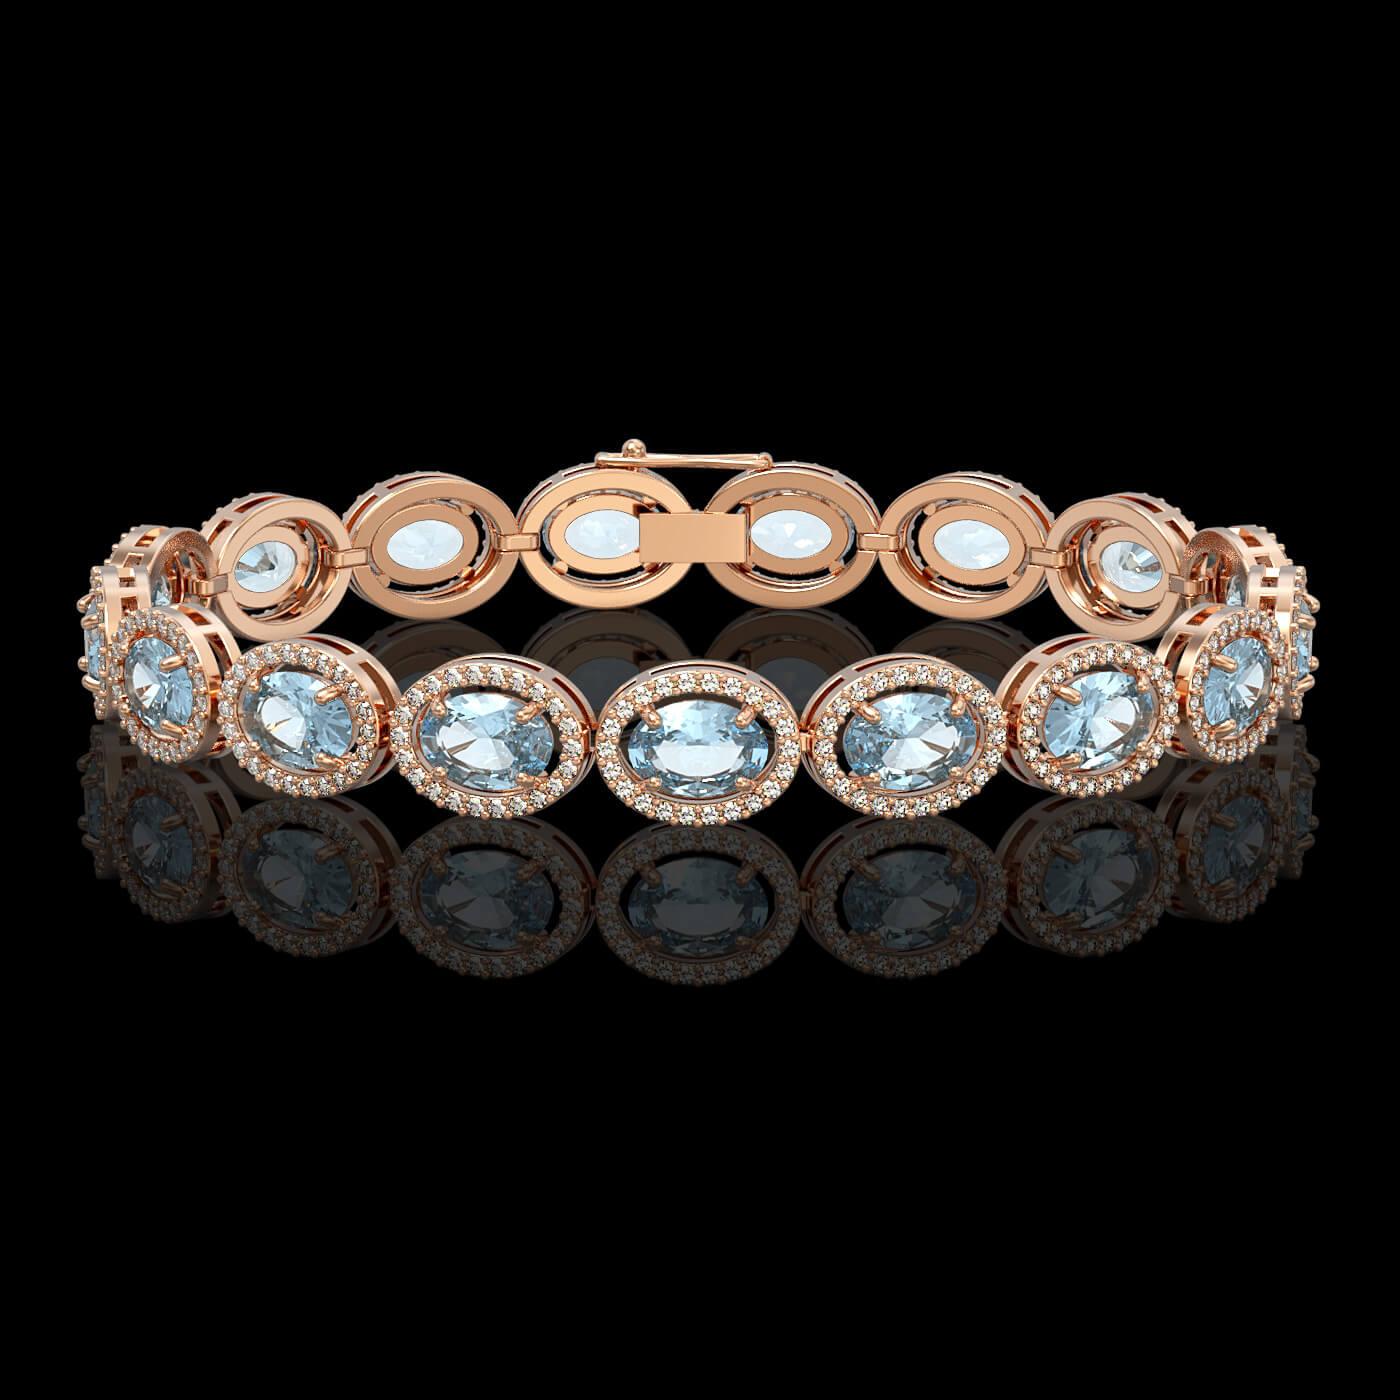 18.38 Ctw Aquamarine & Diamond Bracelet Rose Gold